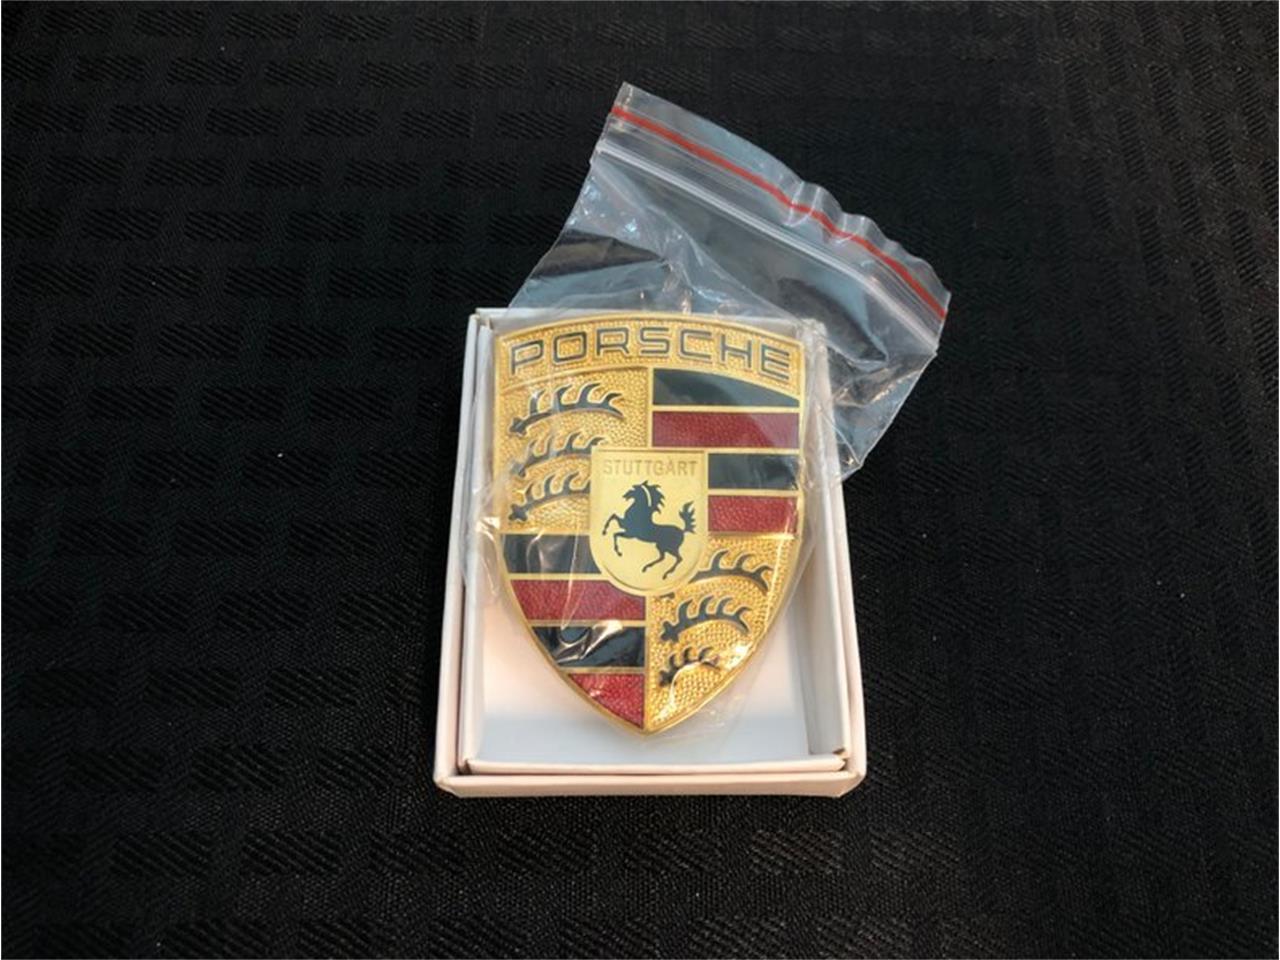 2008 Porsche 911 (CC-1301203) for sale in Mesa, Arizona